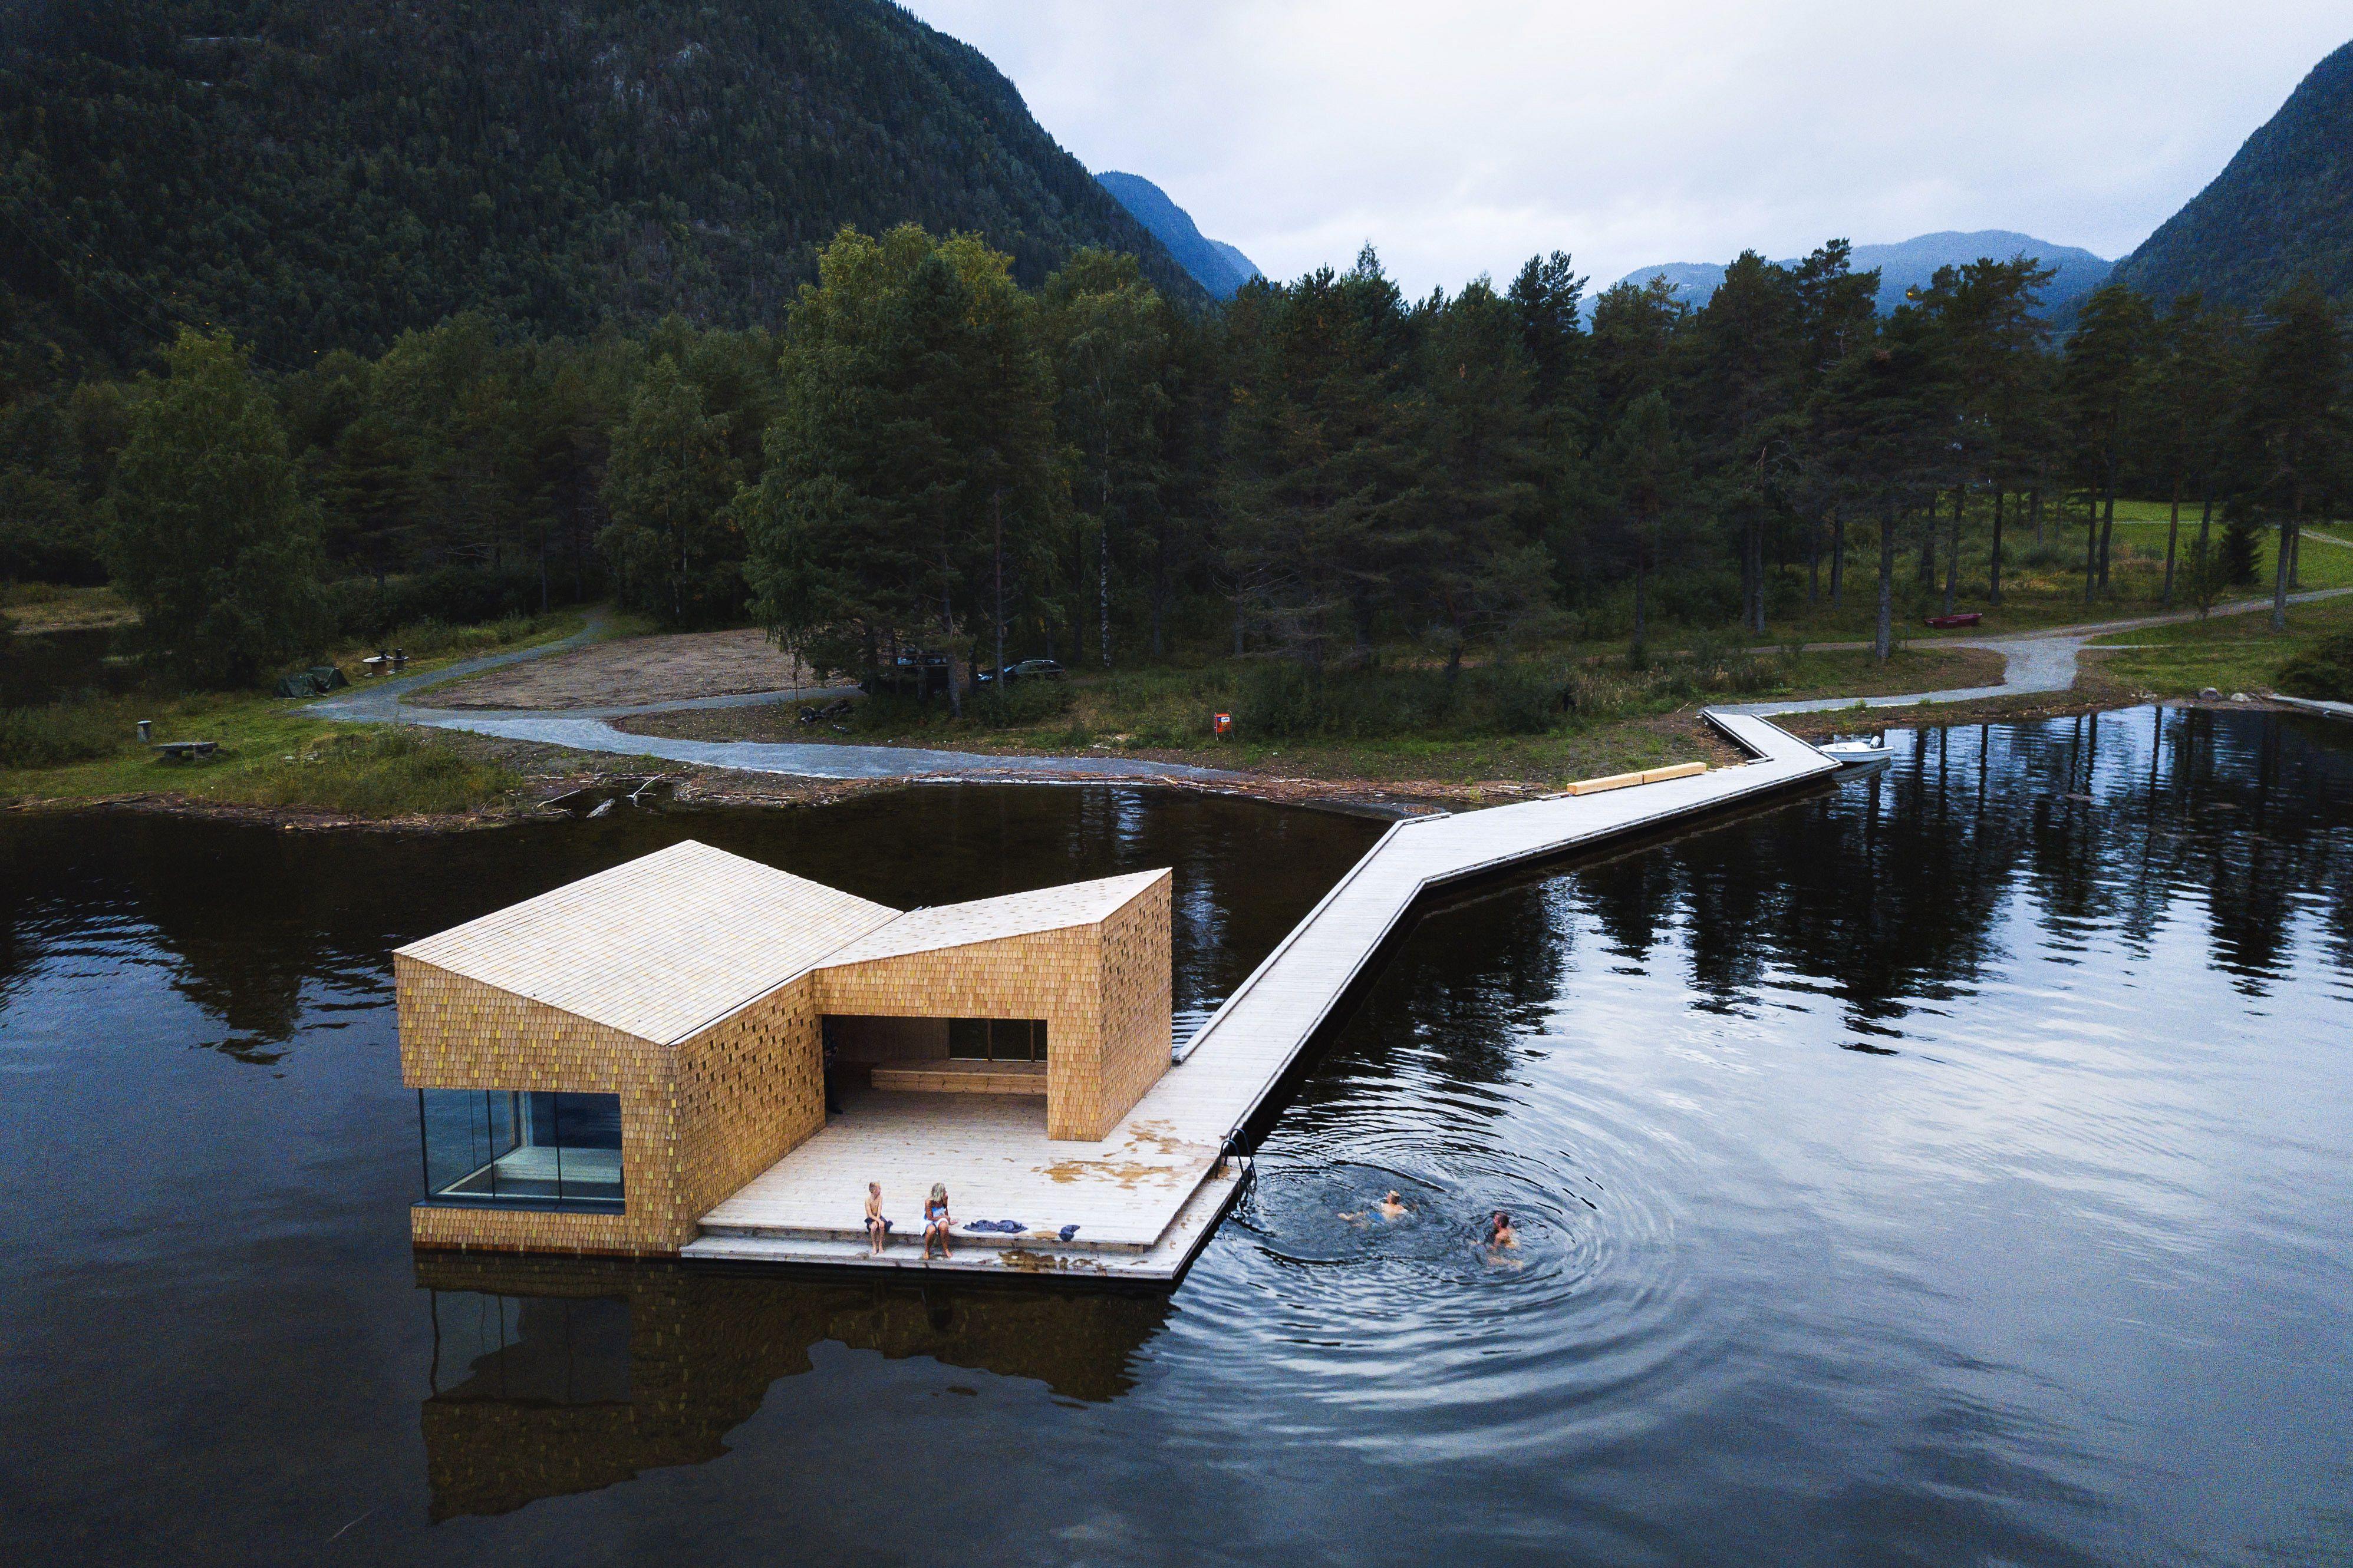 Una selezione di 6 saune di design nei Paesi scandinavi con viste panoramiche mozzafiato.